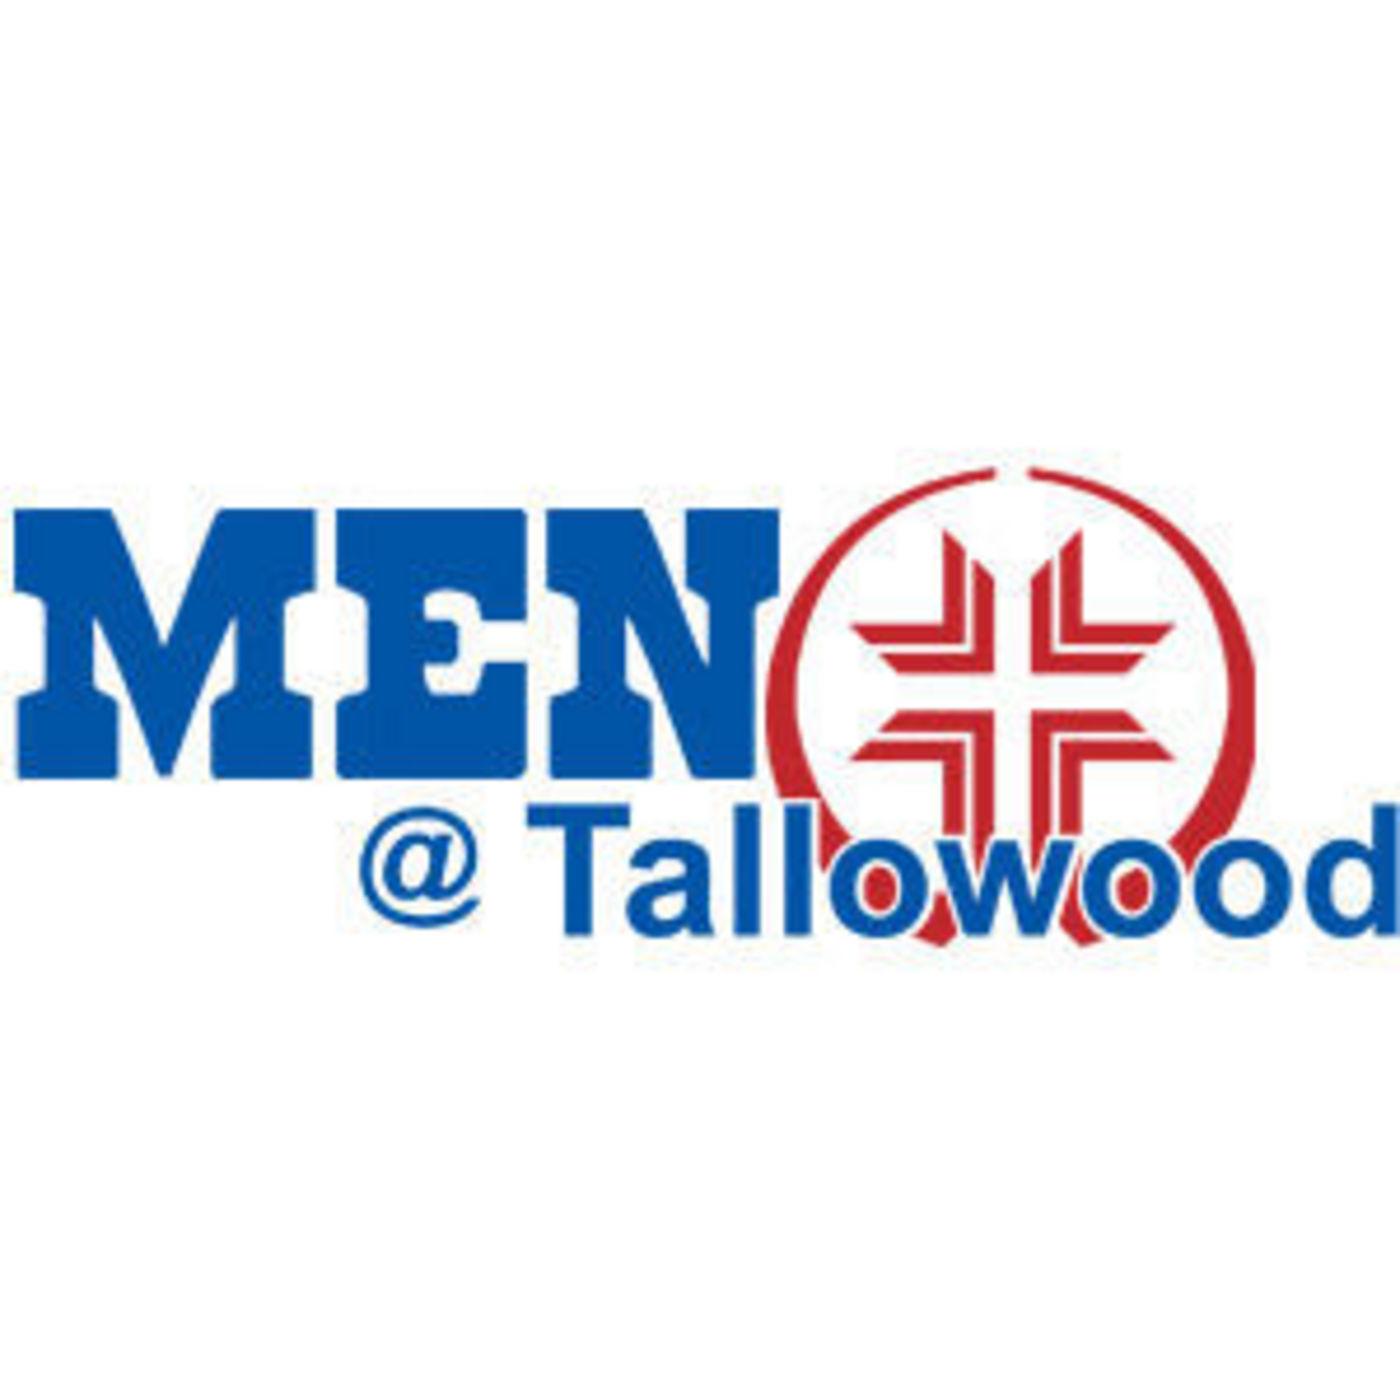 <![CDATA[Men@Tallowood]]>